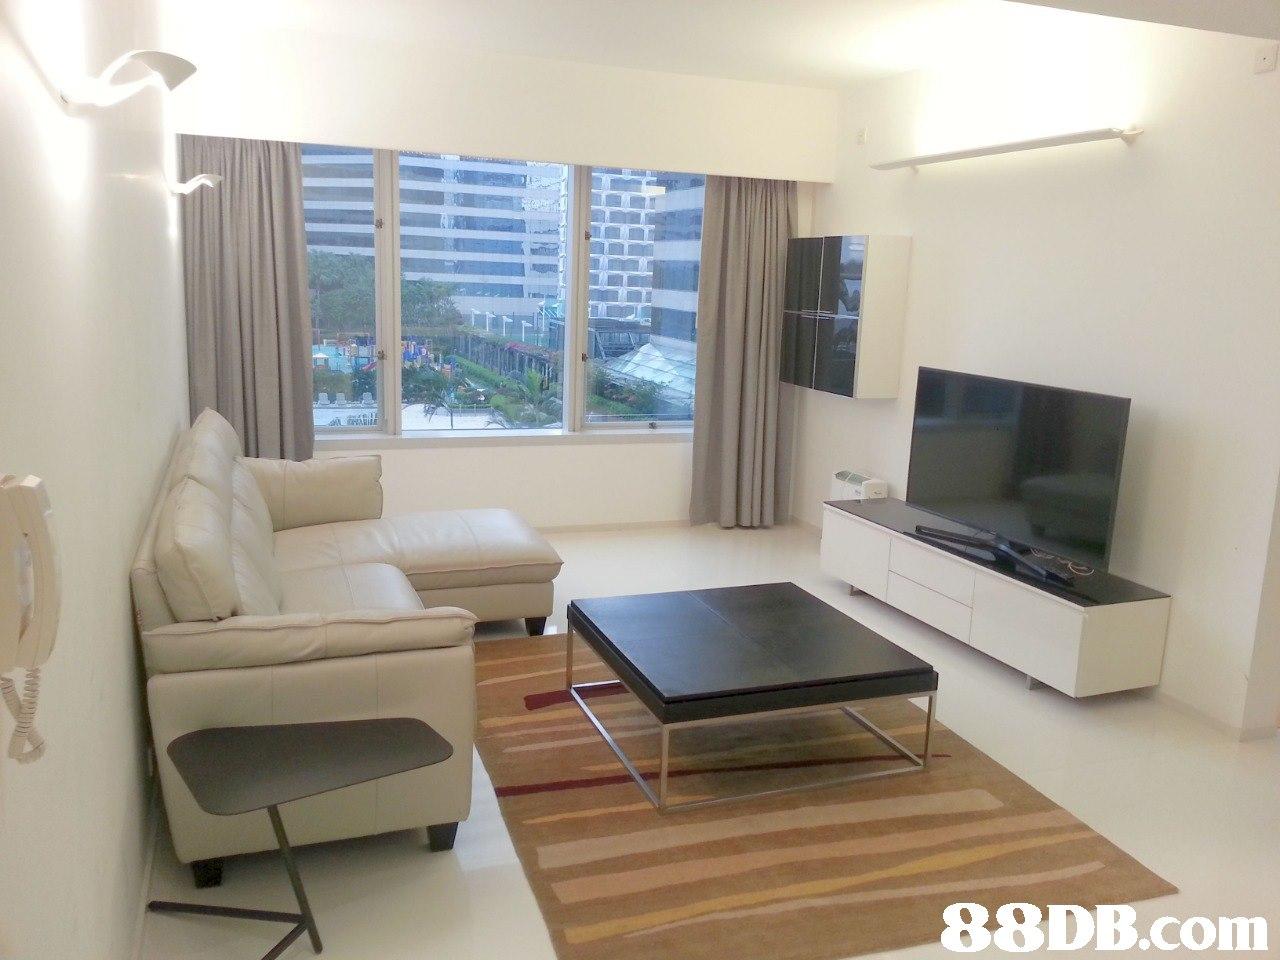 property,room,living room,interior design,real estate